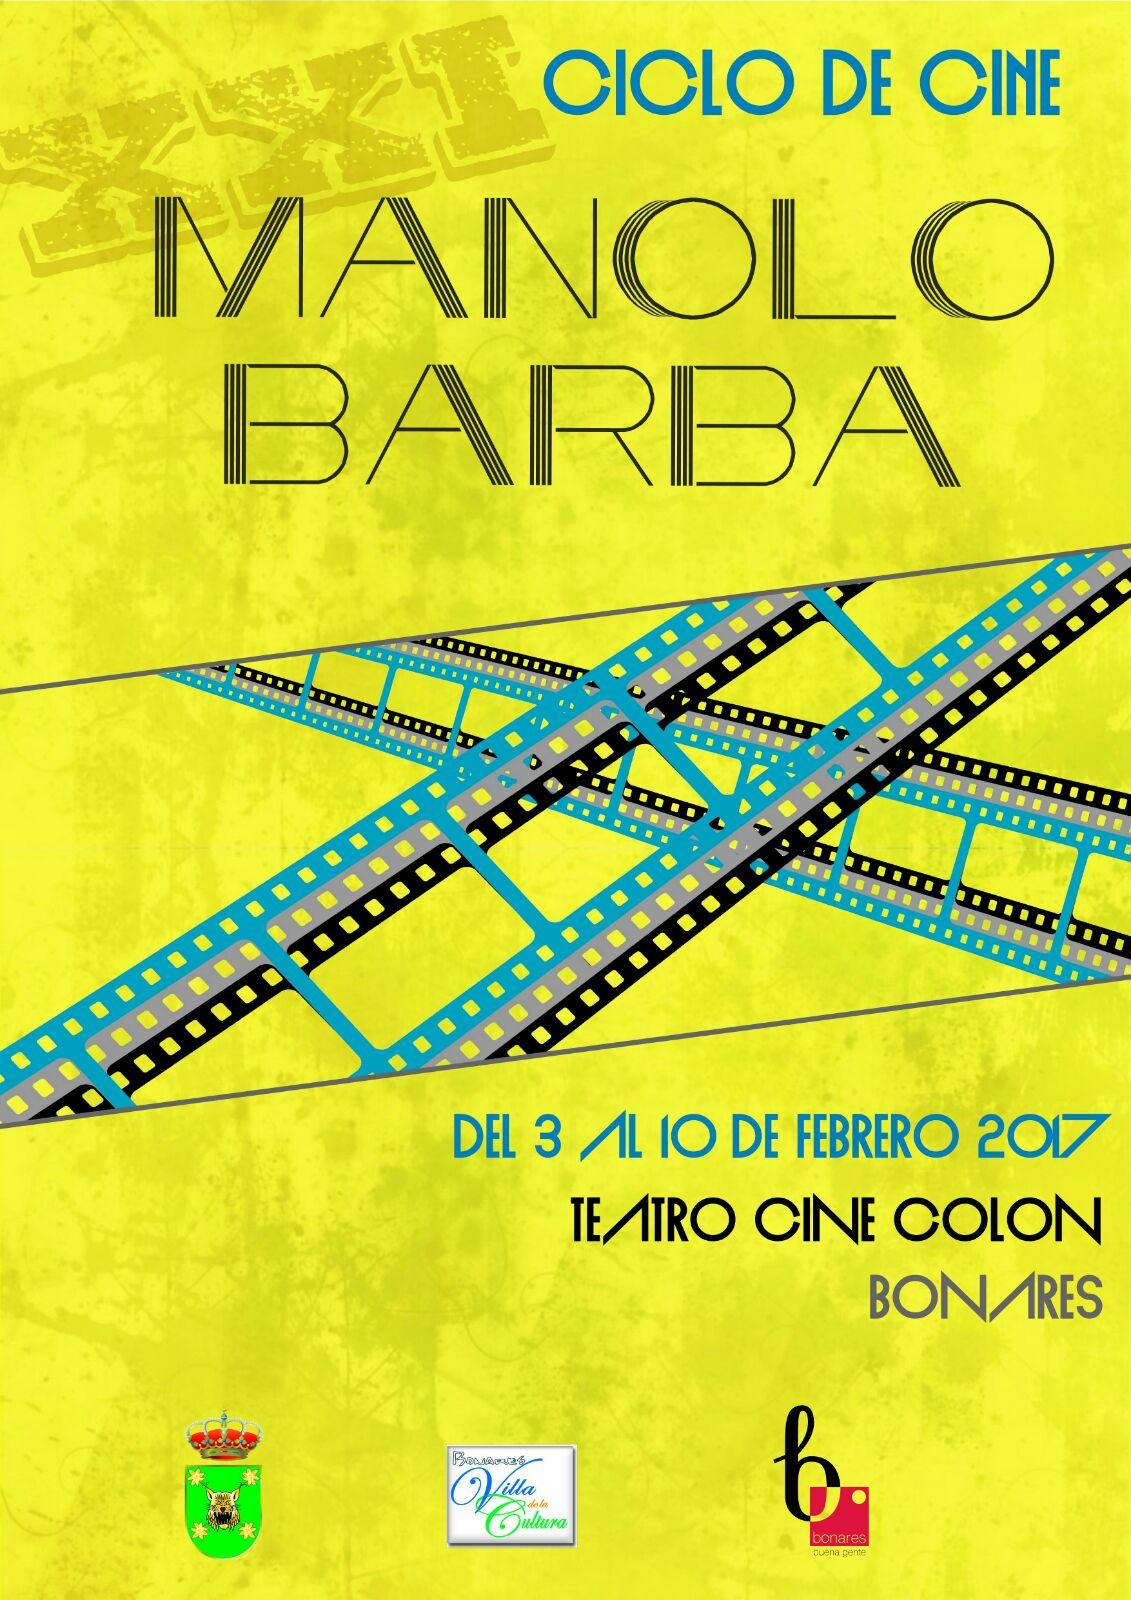 XXI CICLO DE CINE MANOLO BARBA